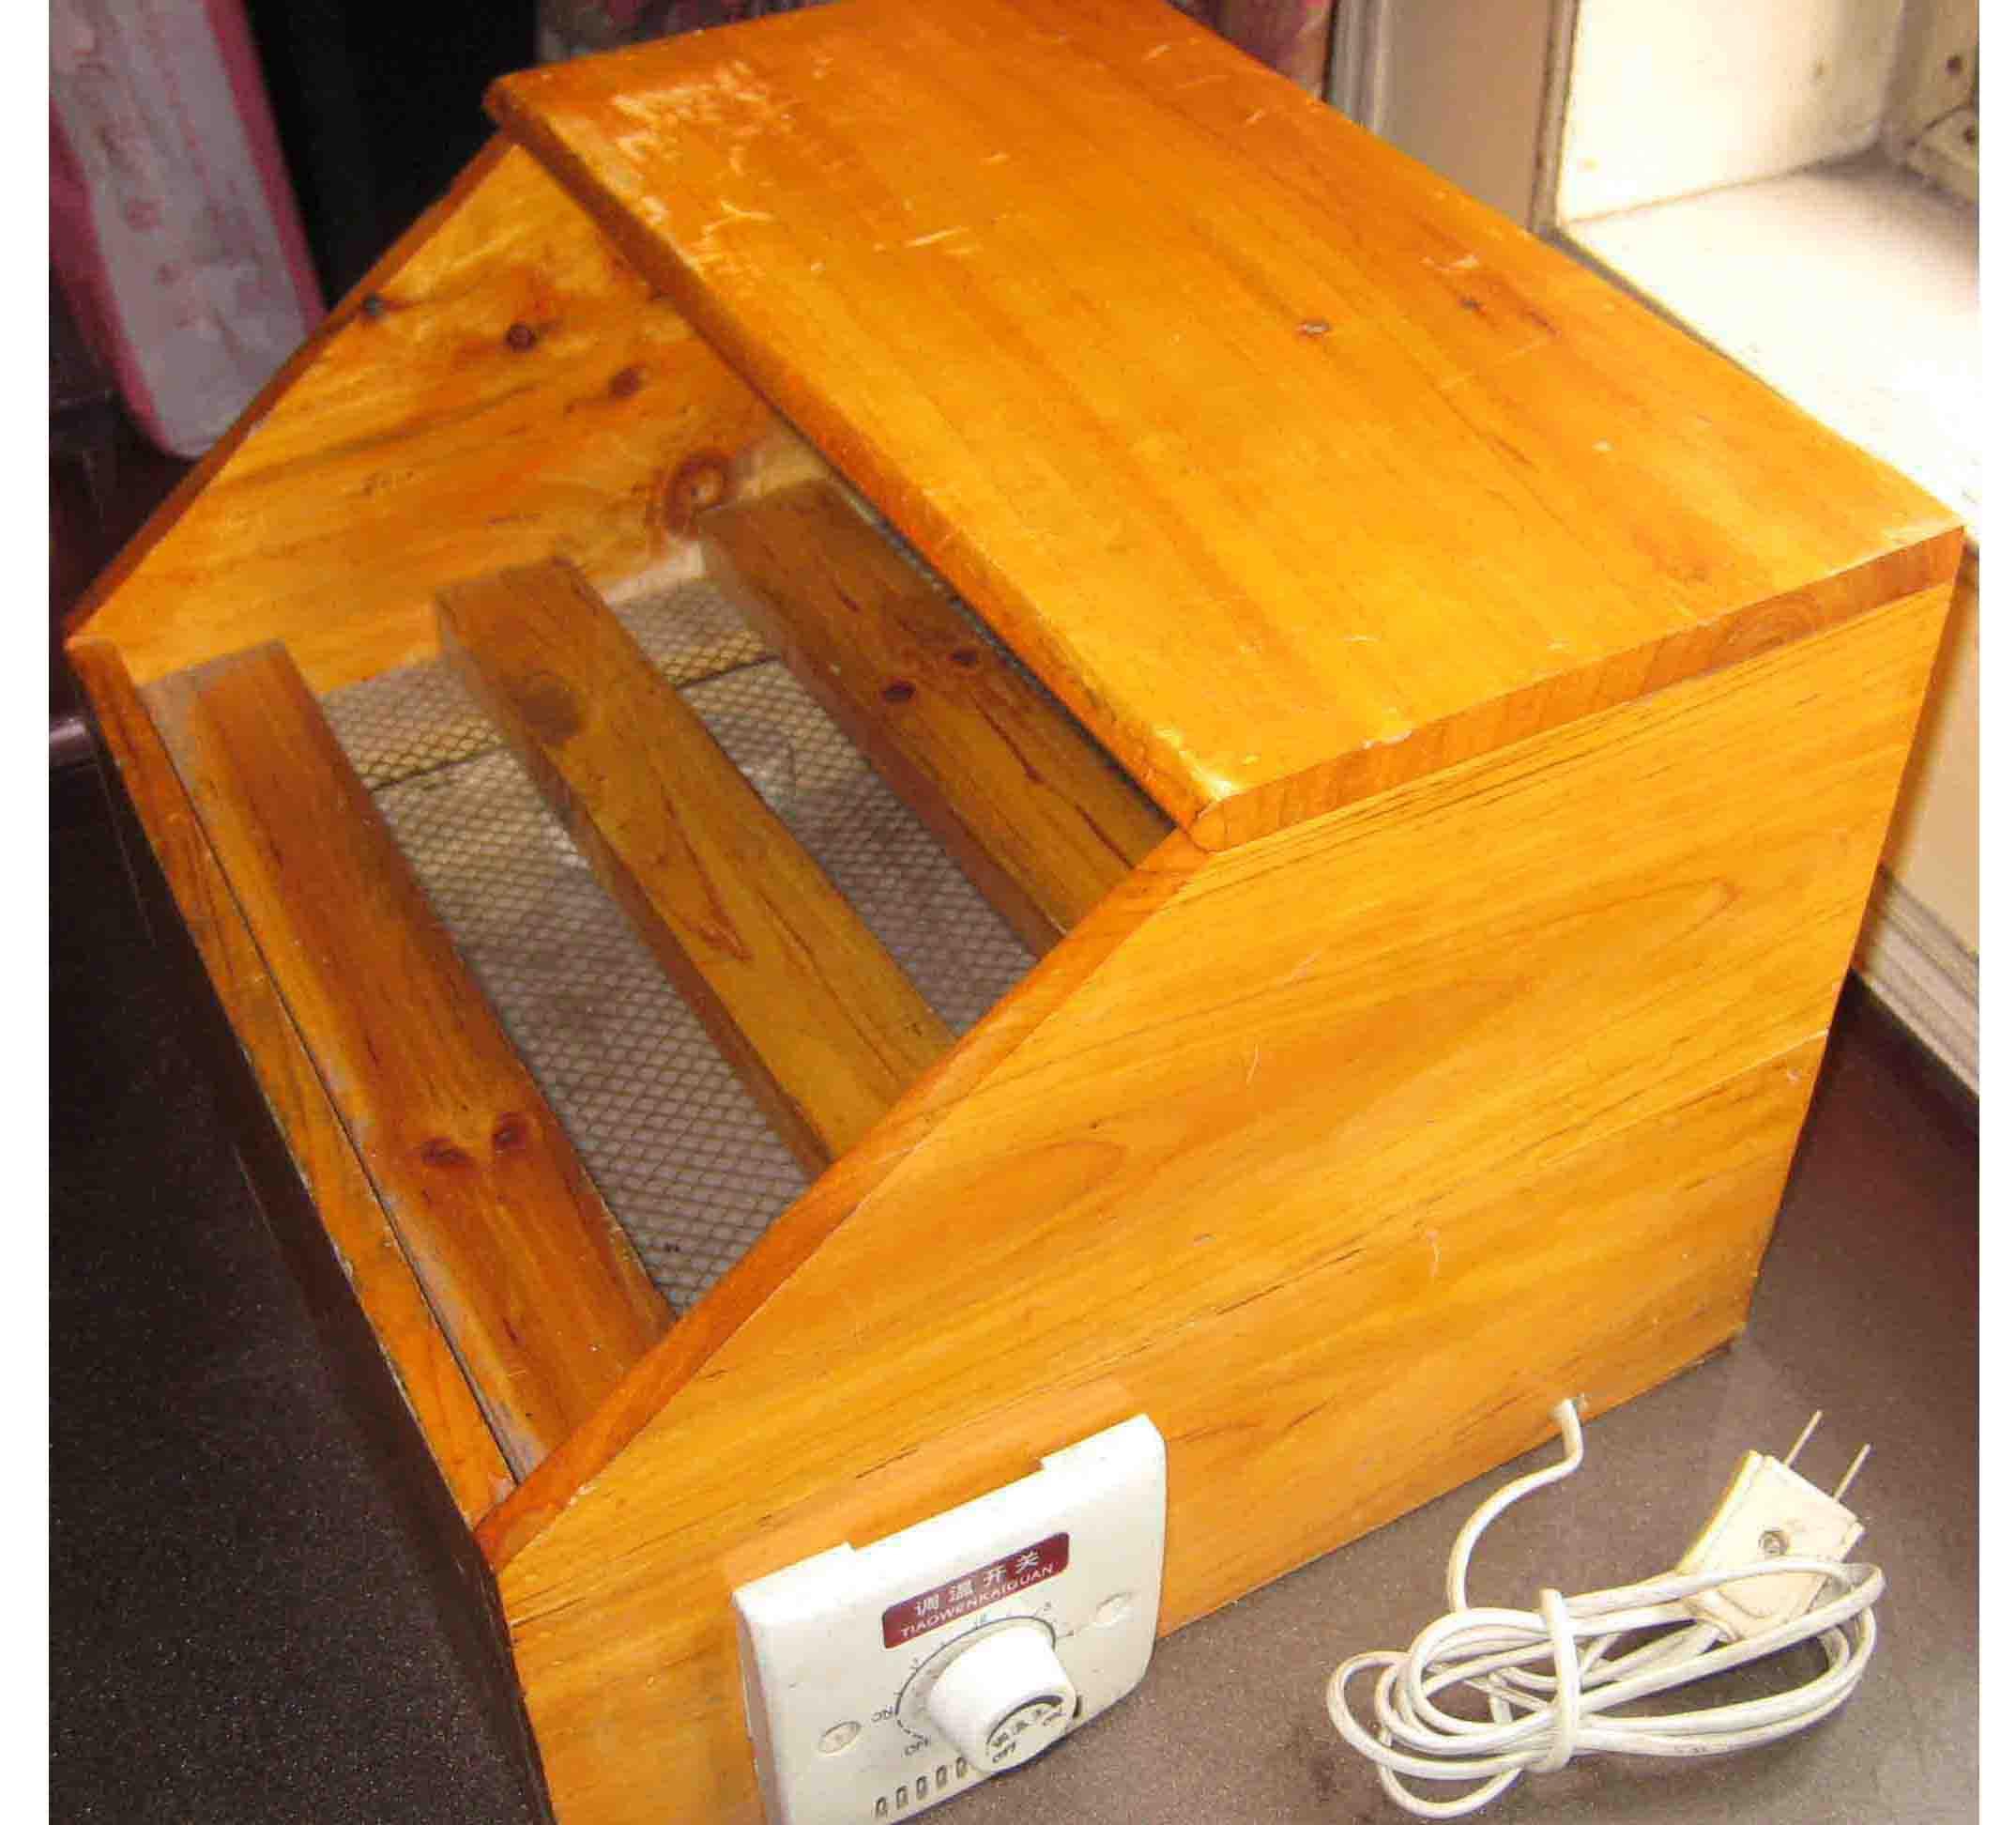 迷你型电脑取暖器是当今适用性较高的商品之一,居家必备。本取暖器采用实木制作,外观大方漂亮。配合专用小包被使用,效果尤其好,取暖保温烘烤均宜。功率为30W~300W可调,耗电量极低,采用电热丝发热。直接对脚进行取暖。比用空调取暖实在得多。联系电话:13861175606 价格:80 [